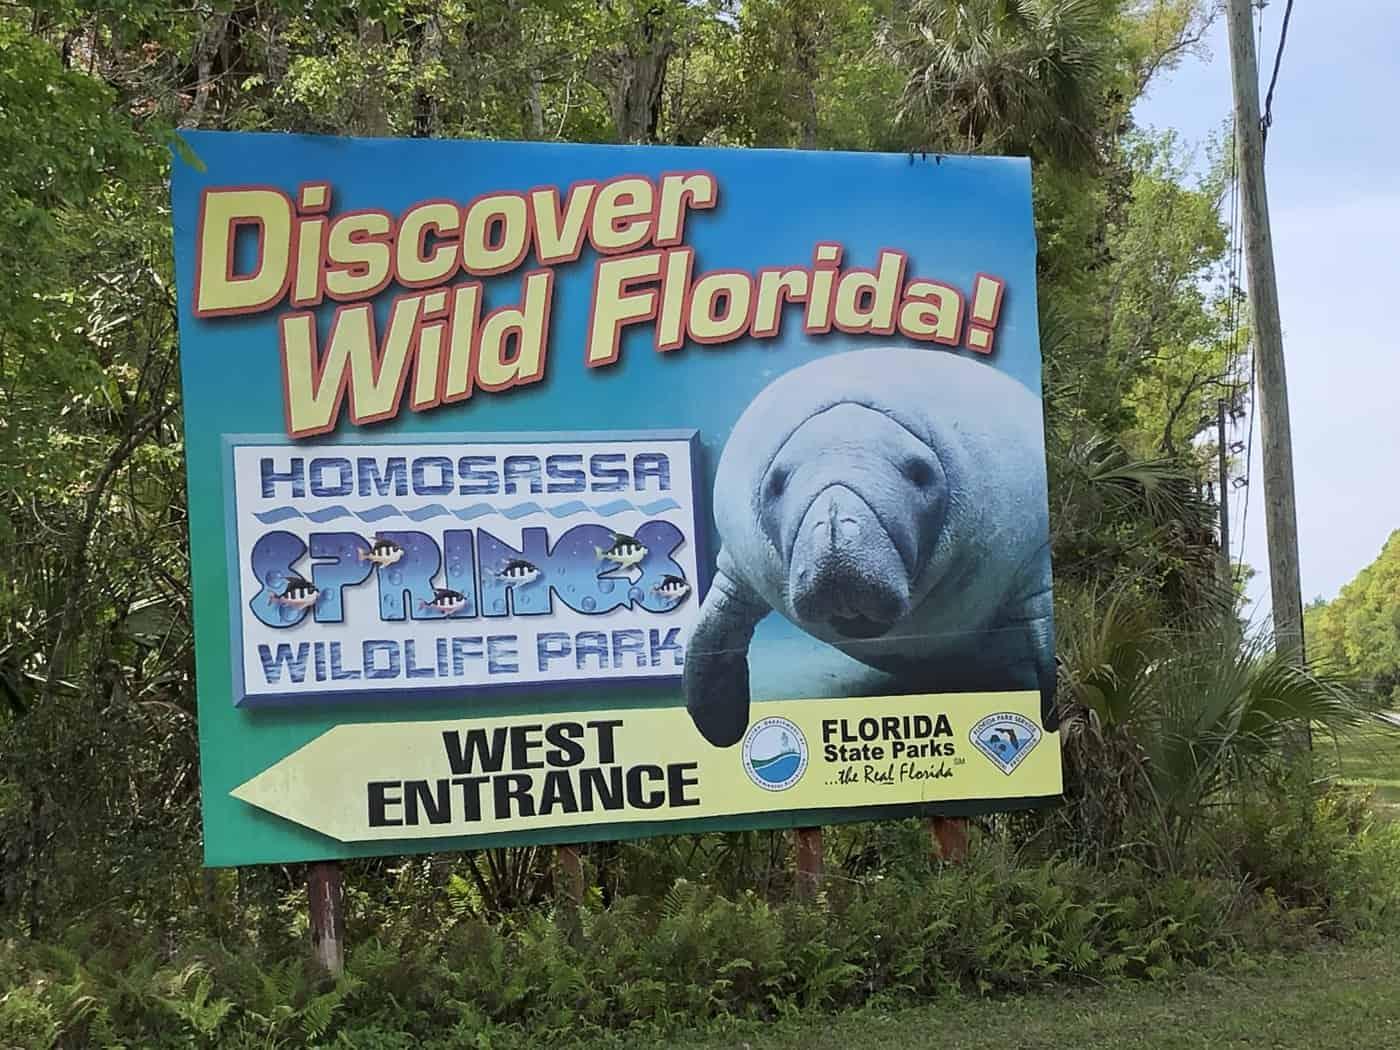 Discover Wild Florida sign